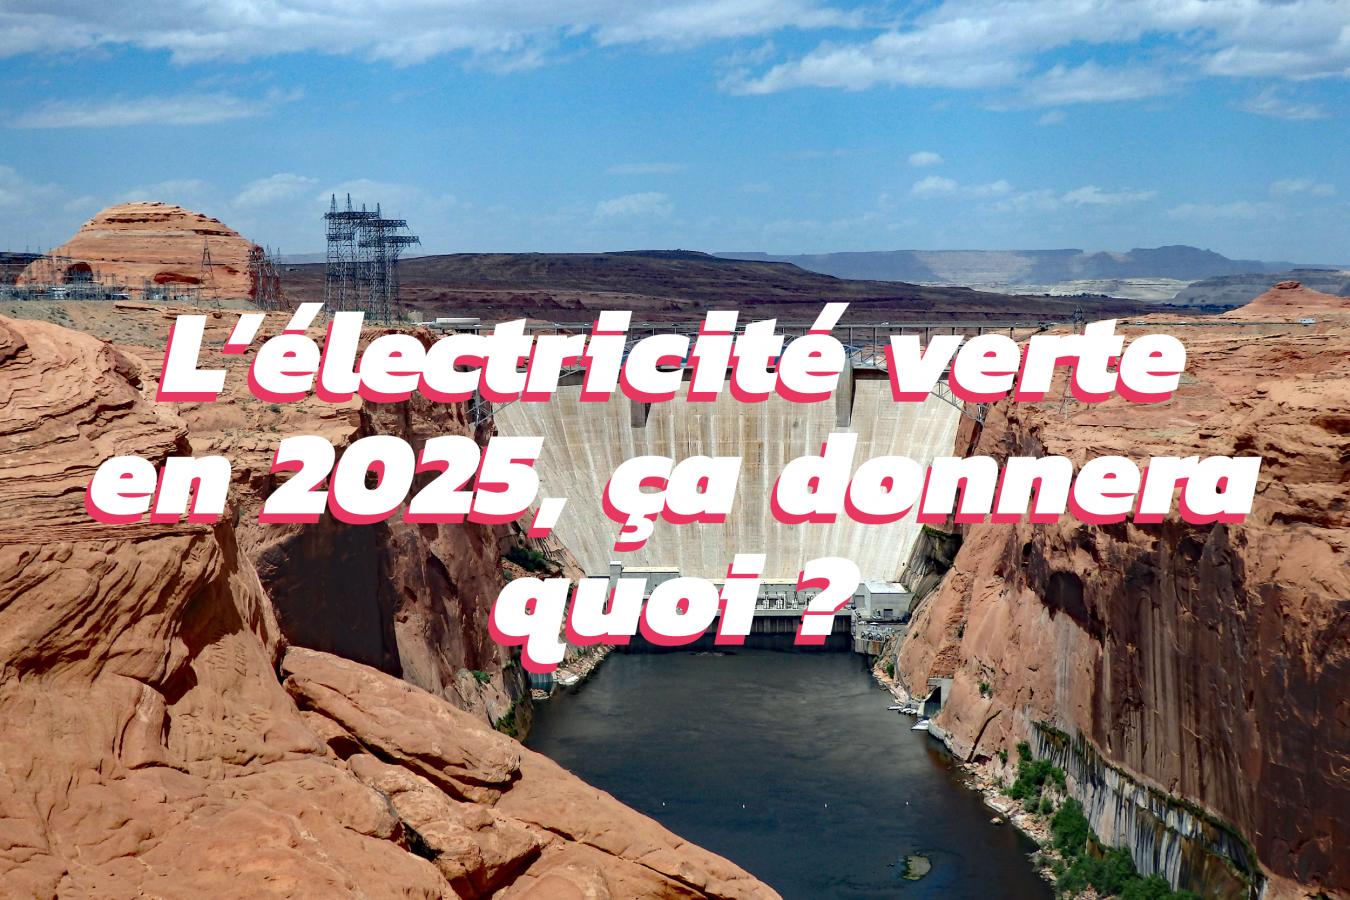 Les projections de l'AIE sur le développement des énergies renouvelables d'ici 2025